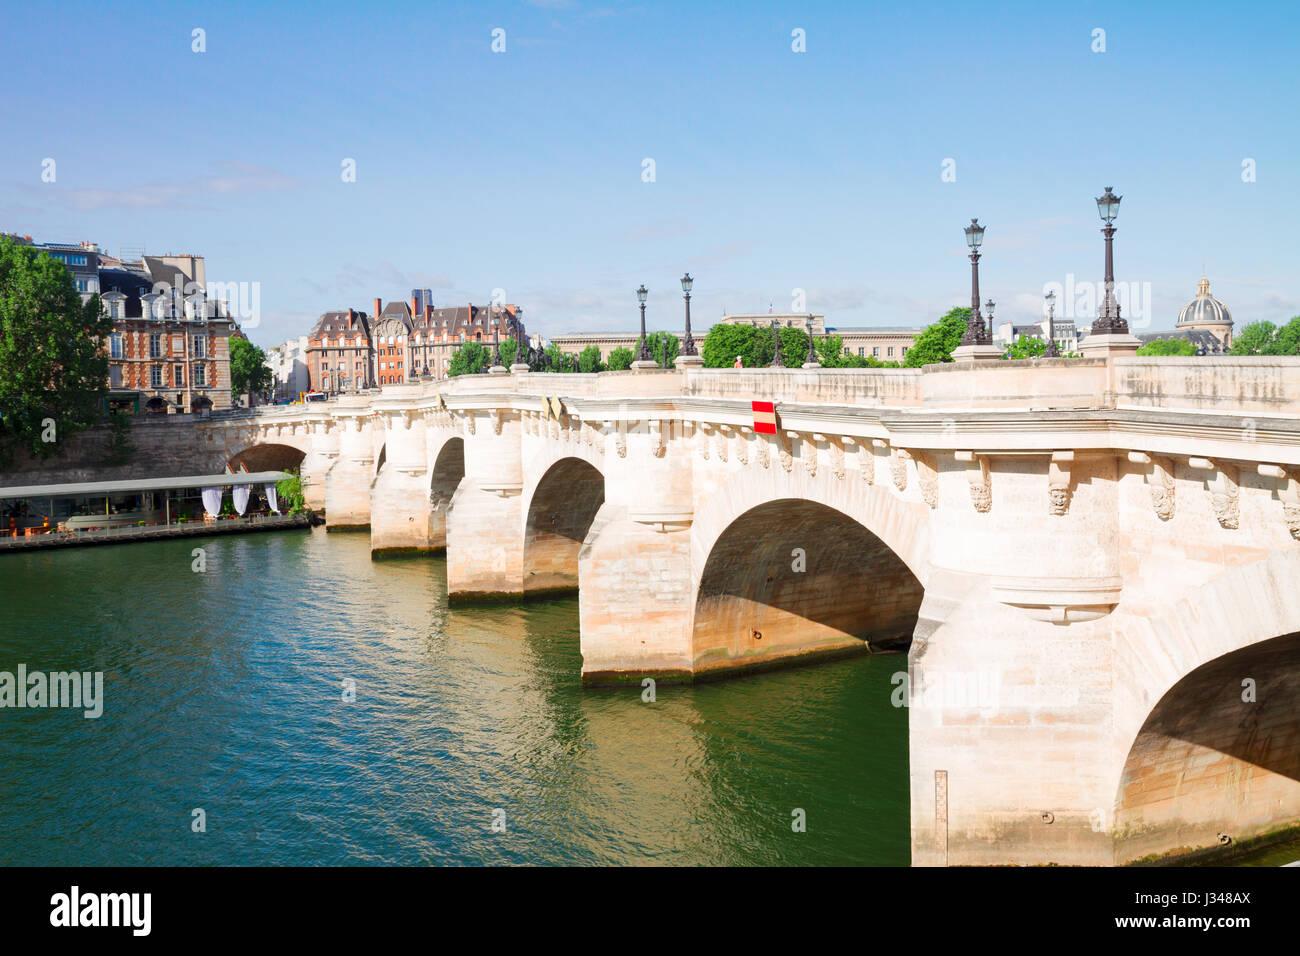 Pont Neuf, Paris, France - Stock Image